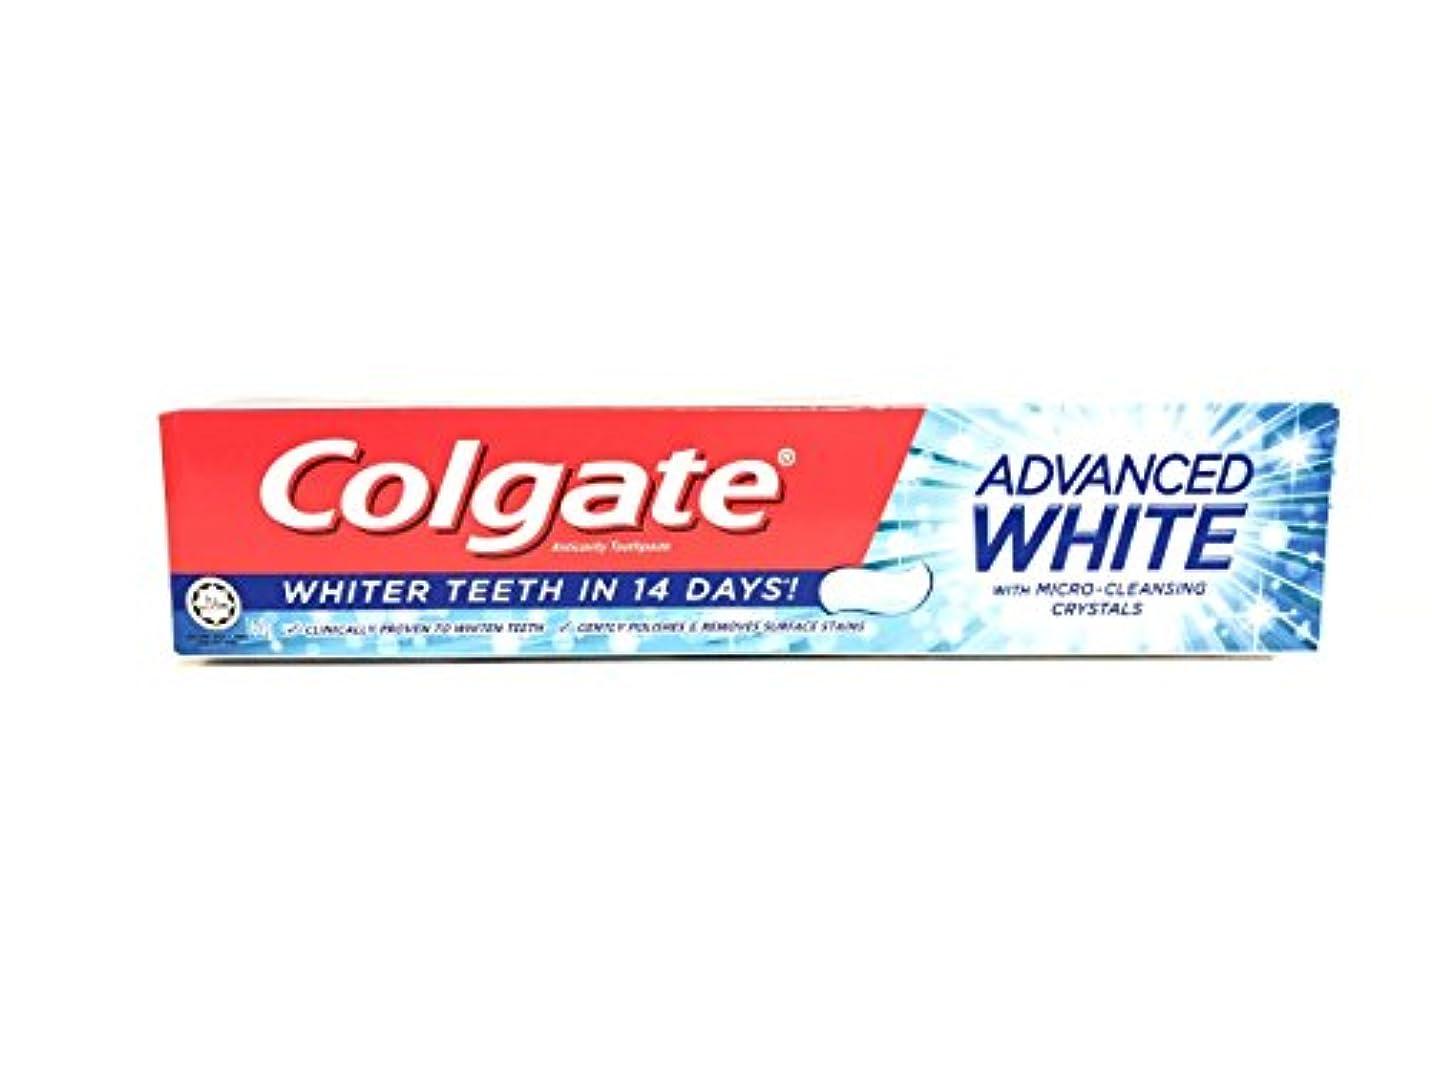 壮大な枕痛い[ARTASY WORKSHOP®][並行輸入品] Colgate コルゲート 歯磨き粉 美白 ADVANCED WHITE 美白歯磨剤 虫歯予防 歯周病ケア 口臭改善 ホワイトニング (ADVANCED WHITE)